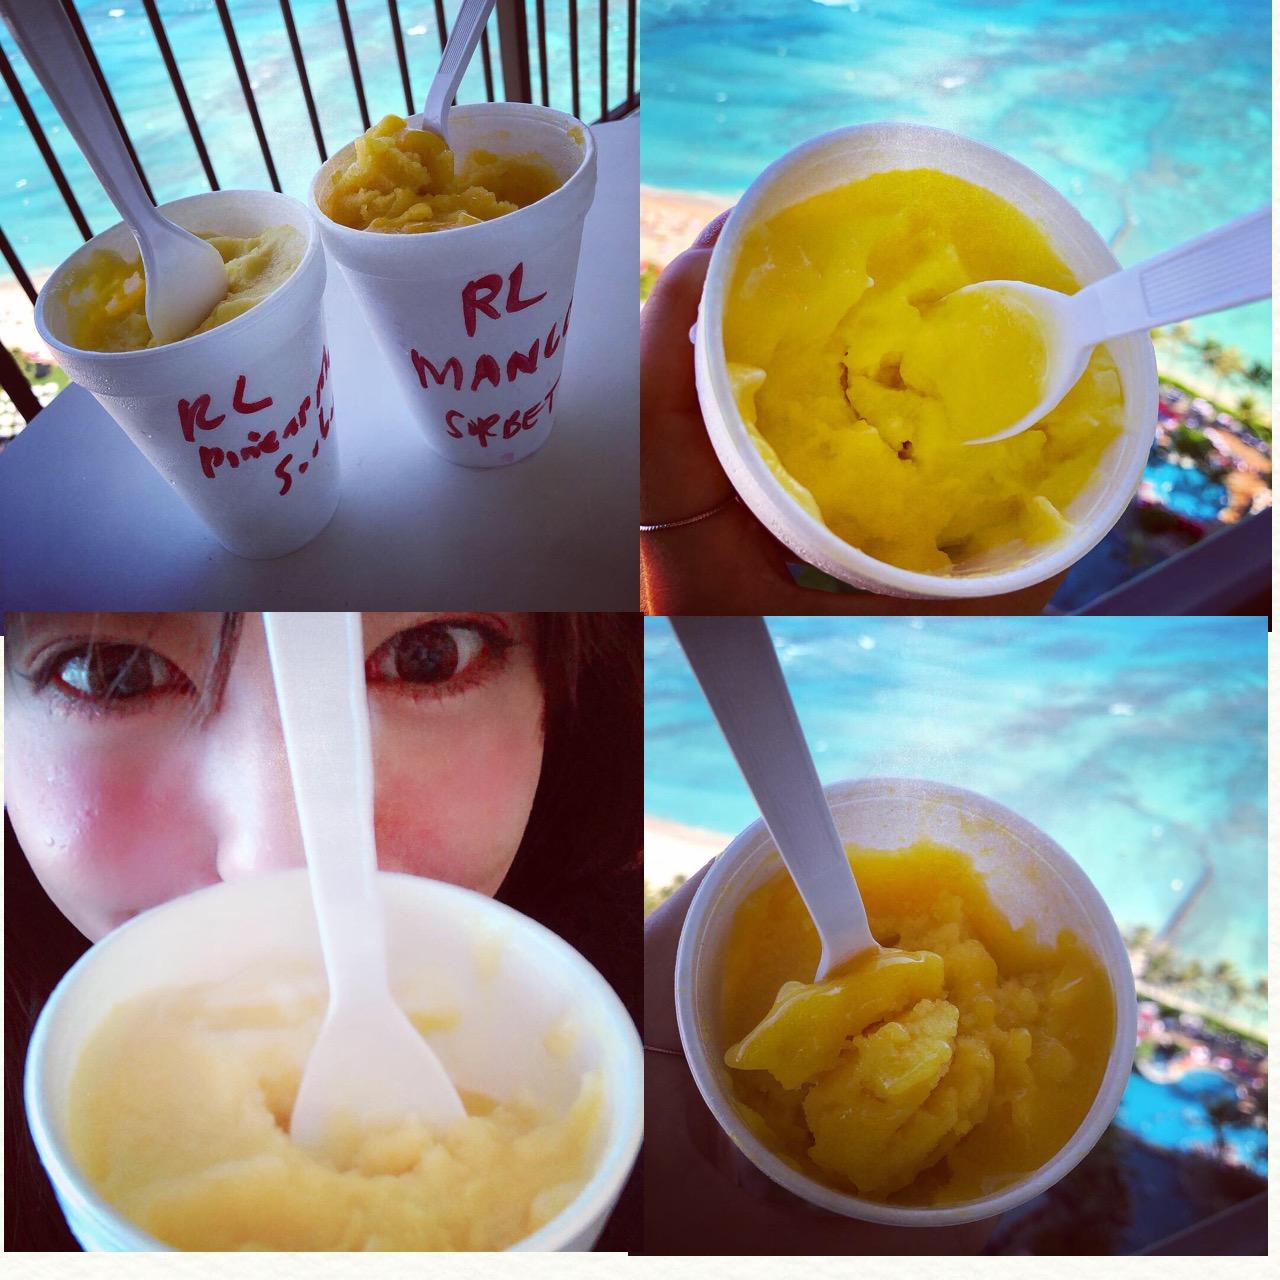 <ハワイ>毎日通いたい♡果物屋さんがつくるフレッシュなソルベとアイスクリームが絶品♡_6